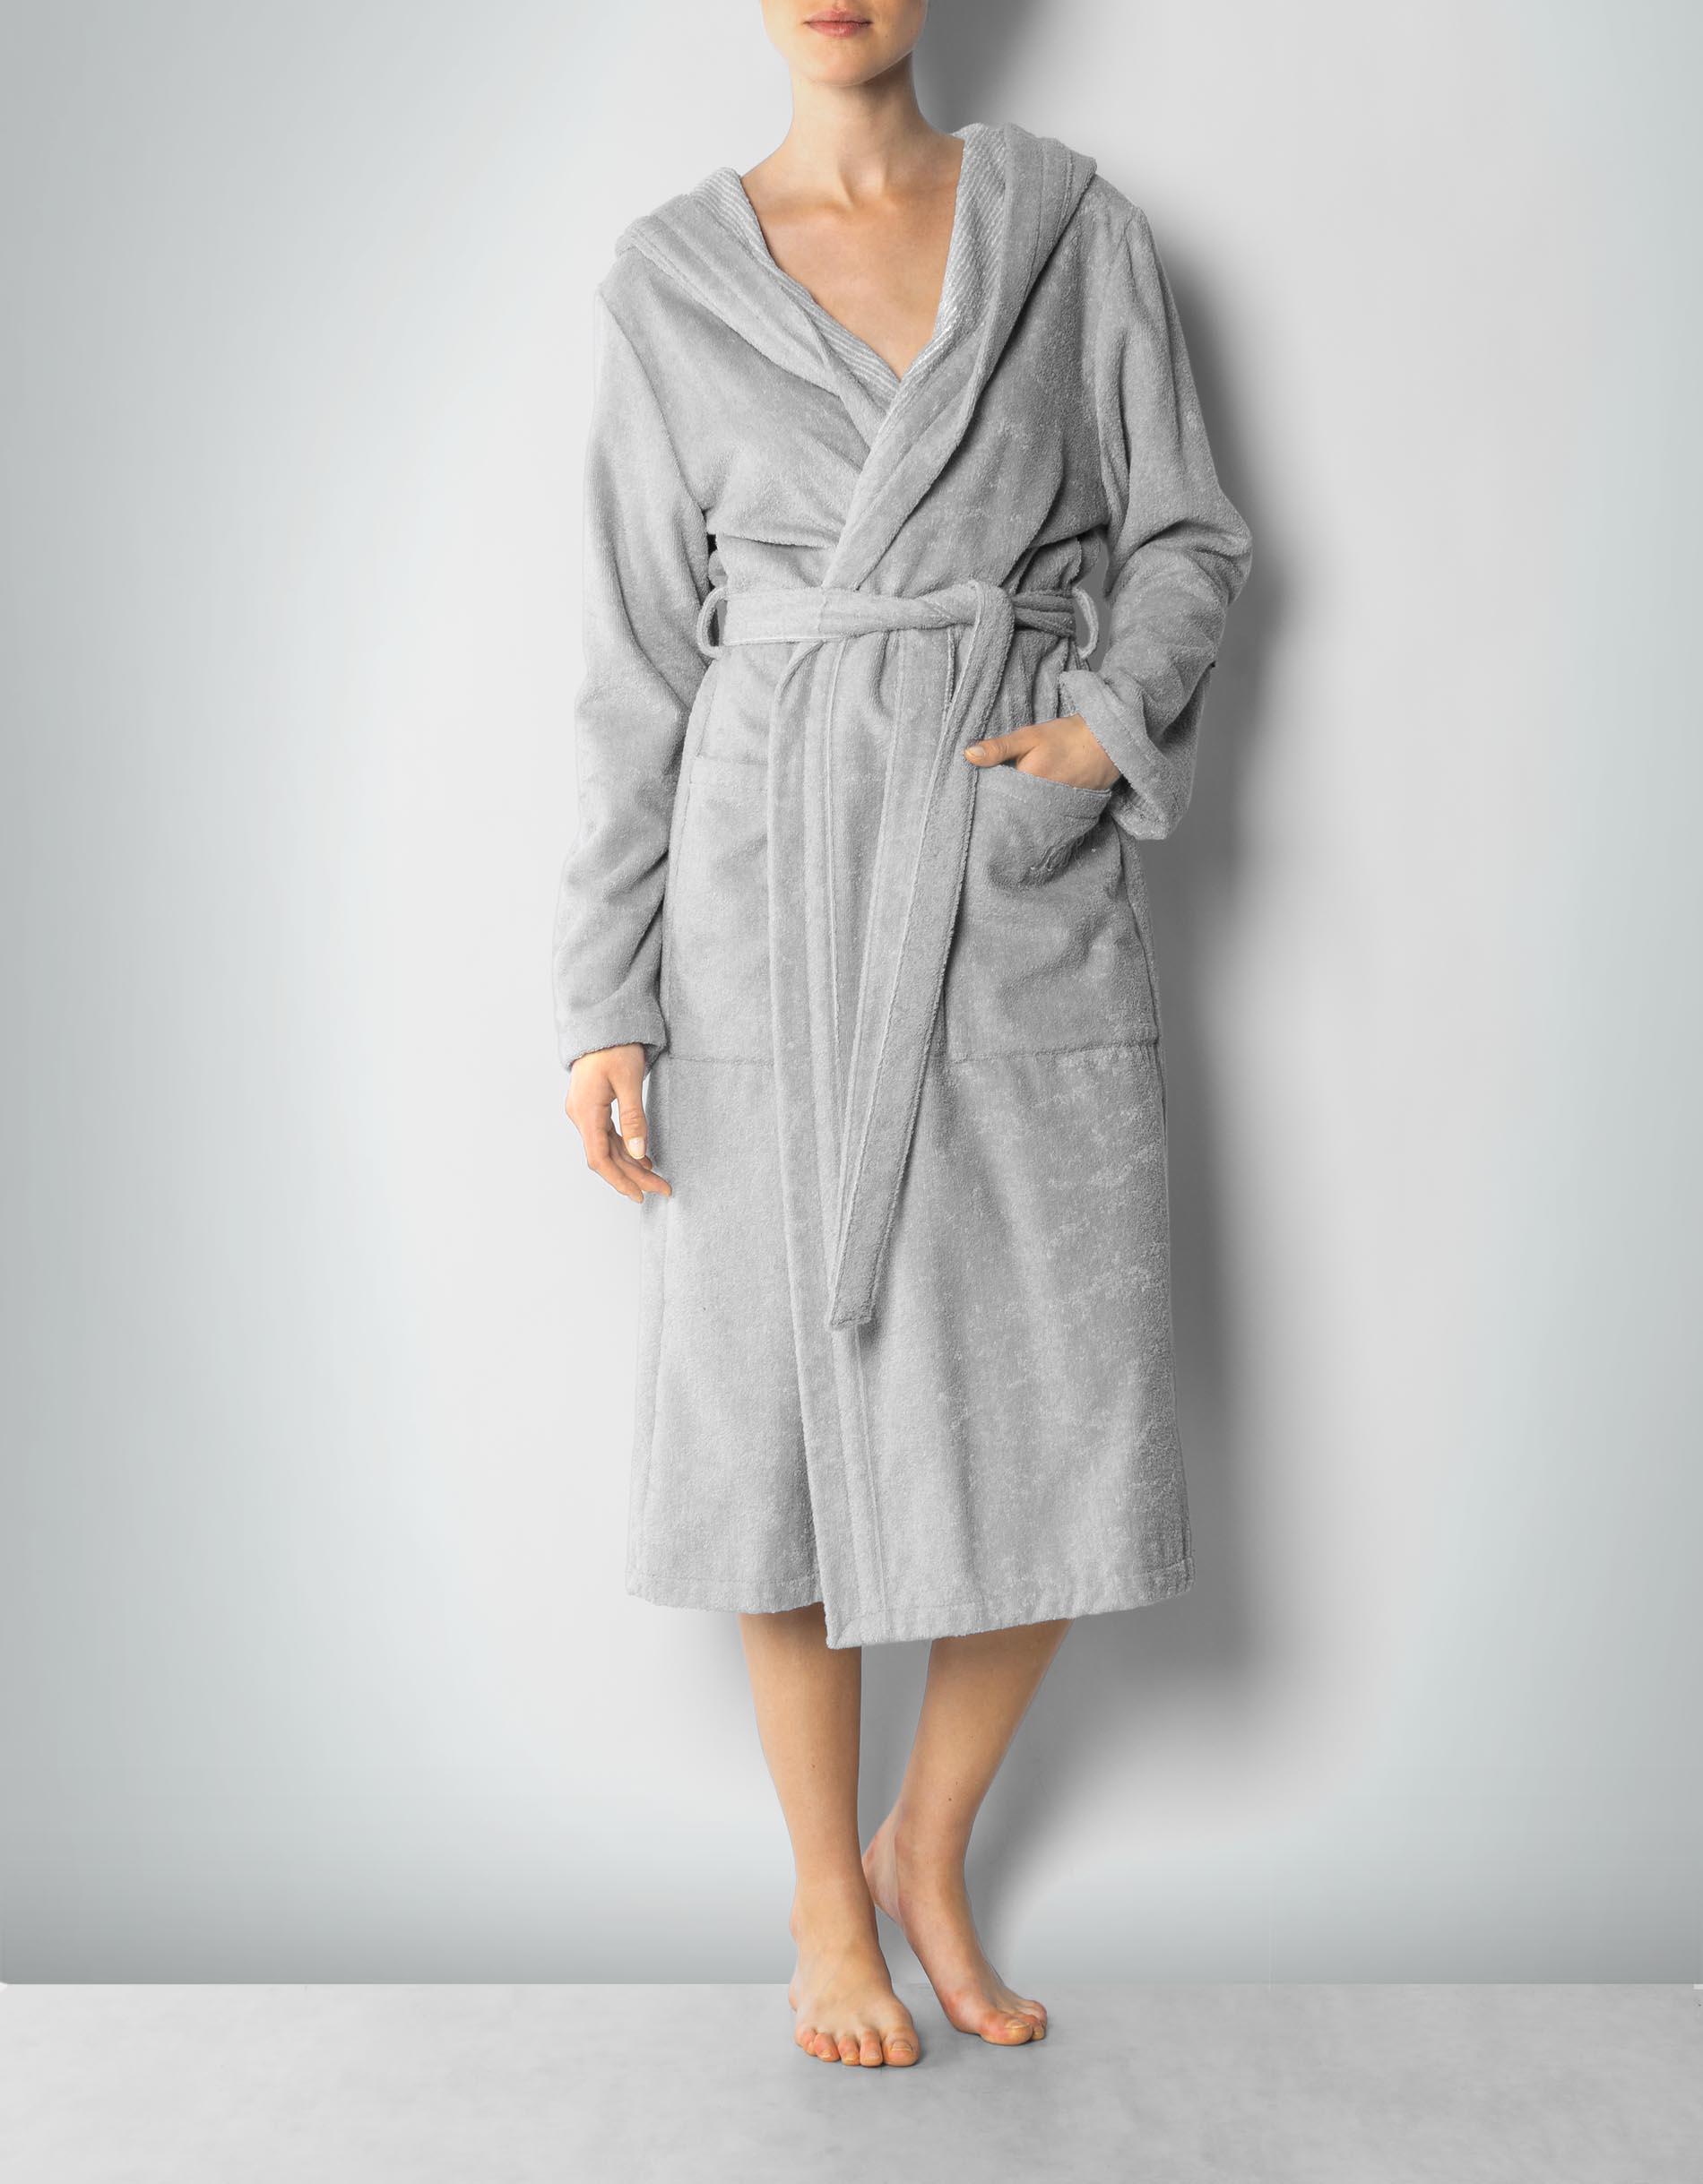 joop damen bademantel kapuze mit empfohlen von deinen schwestern. Black Bedroom Furniture Sets. Home Design Ideas